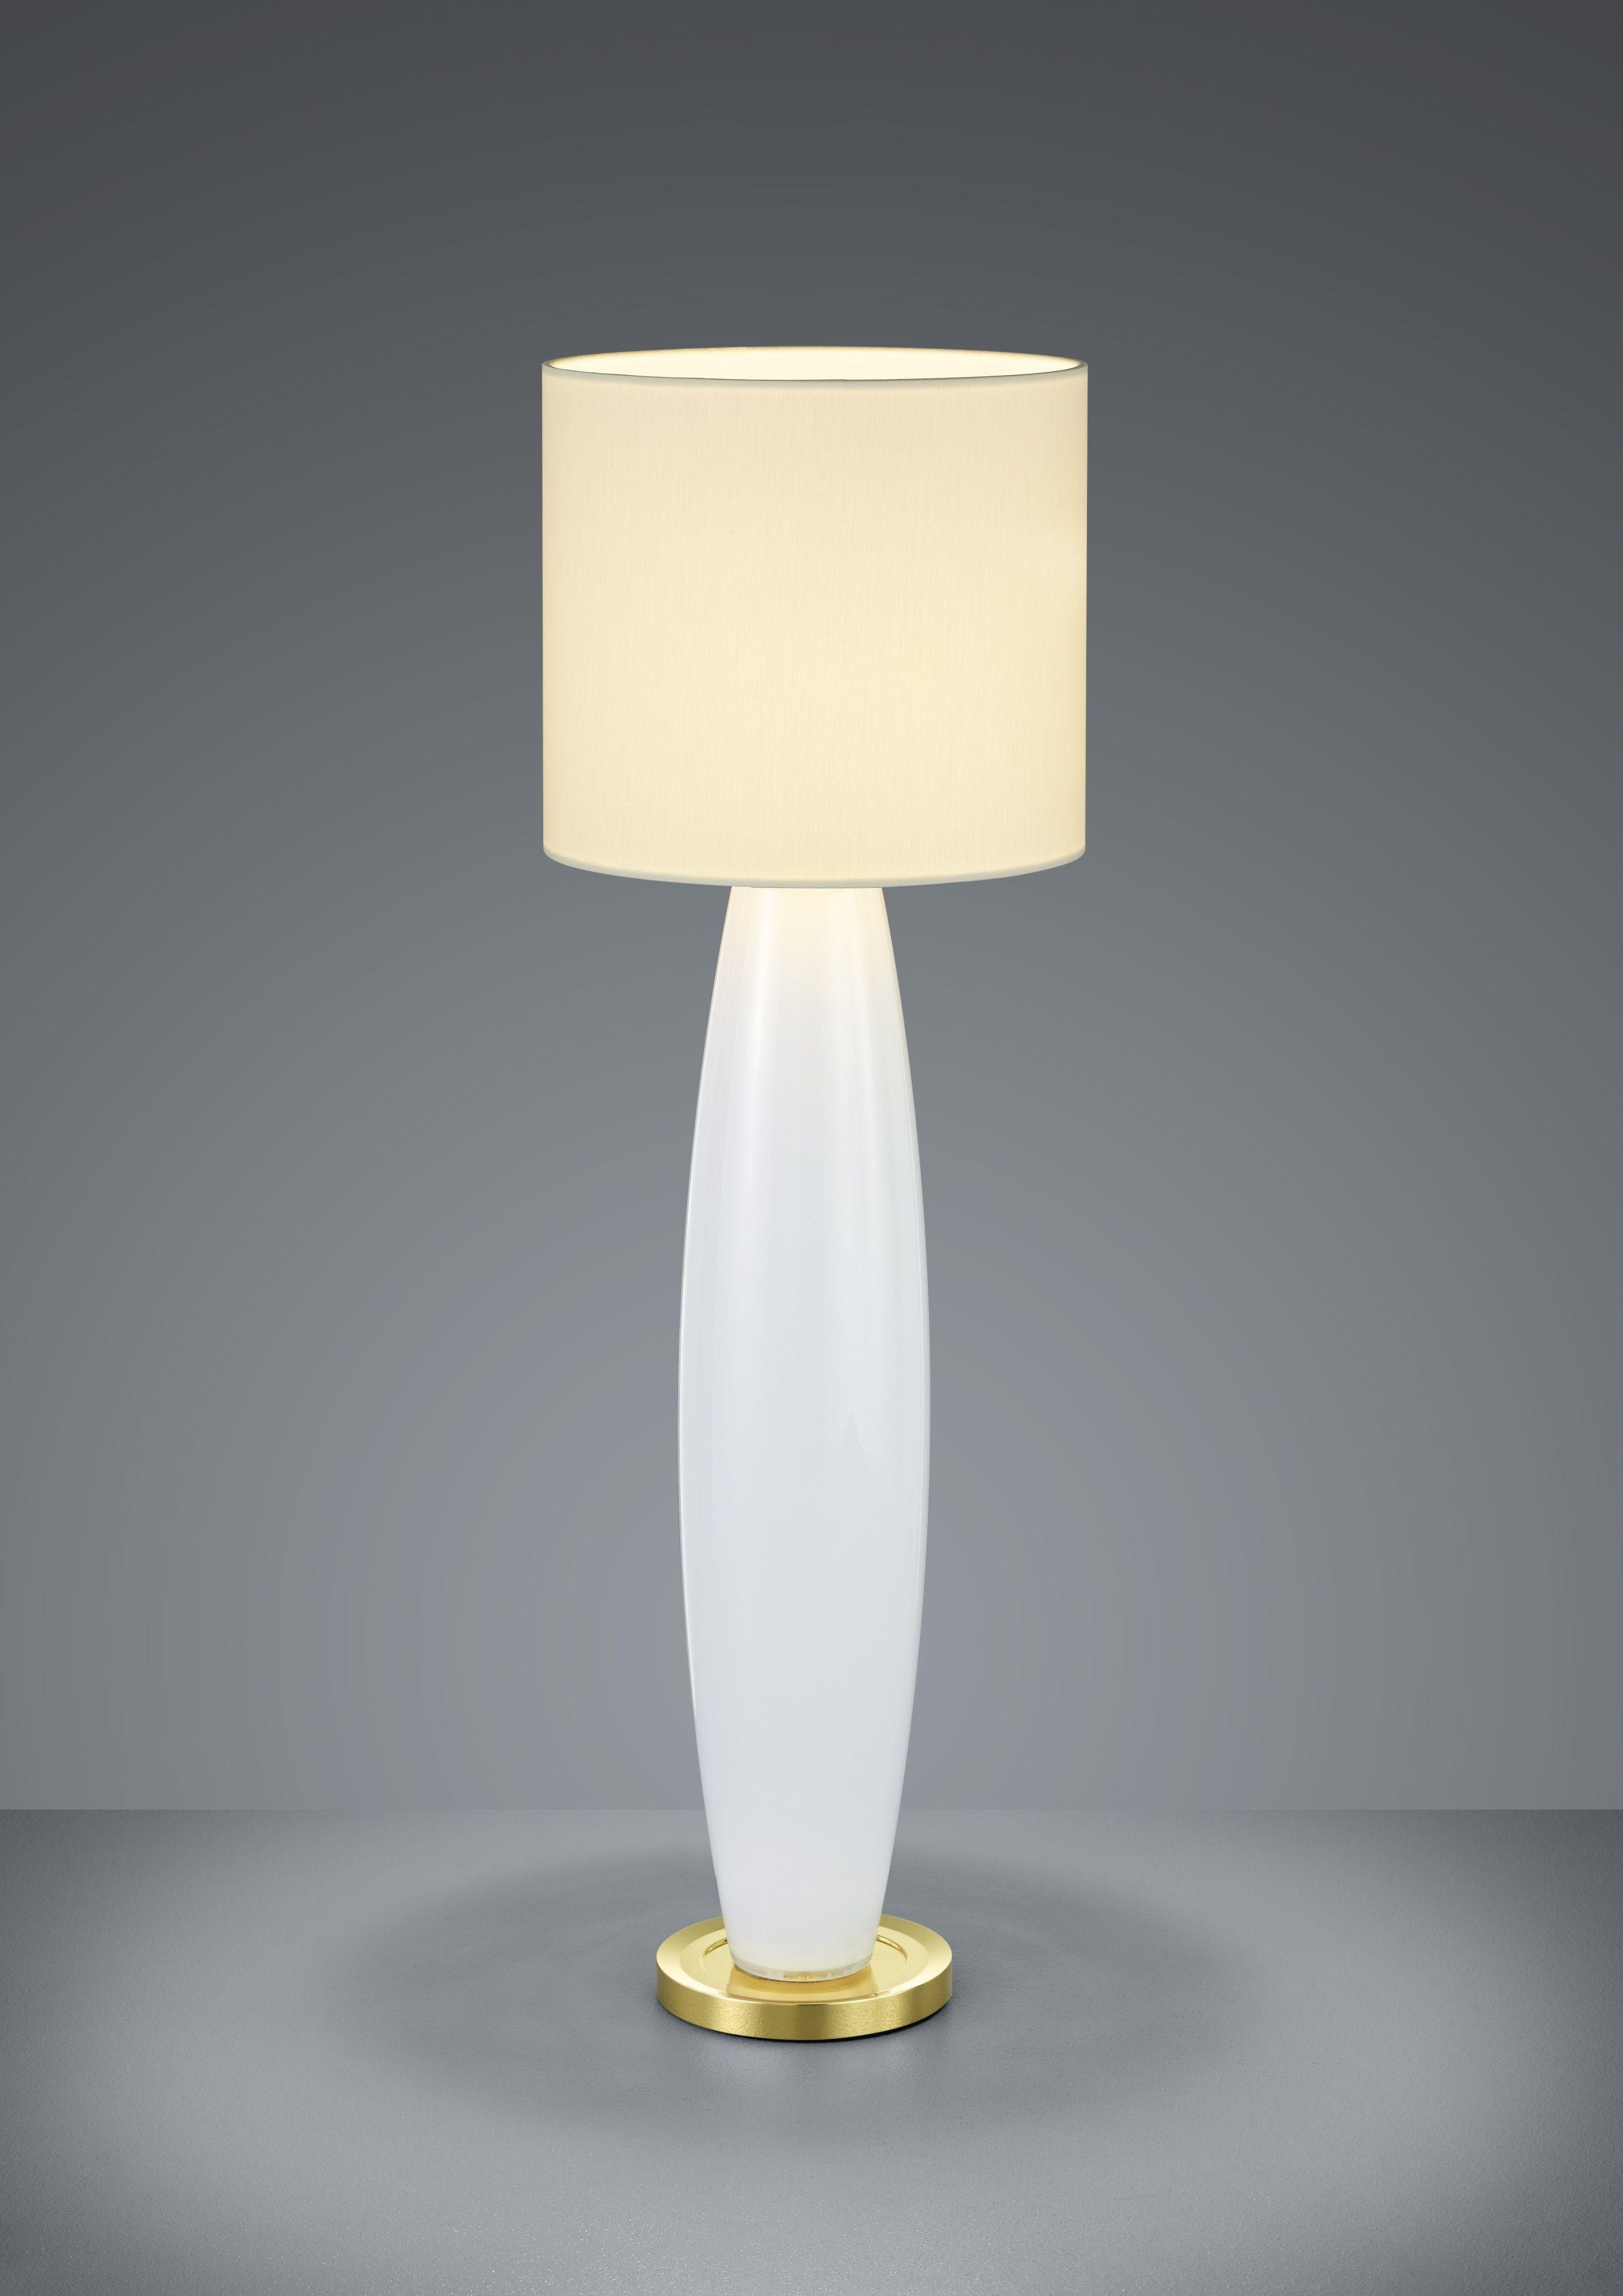 Tischleuchten von BANKAMP Leuchtenmanufaktur Tischleuchte Venice groß 5981/1-40